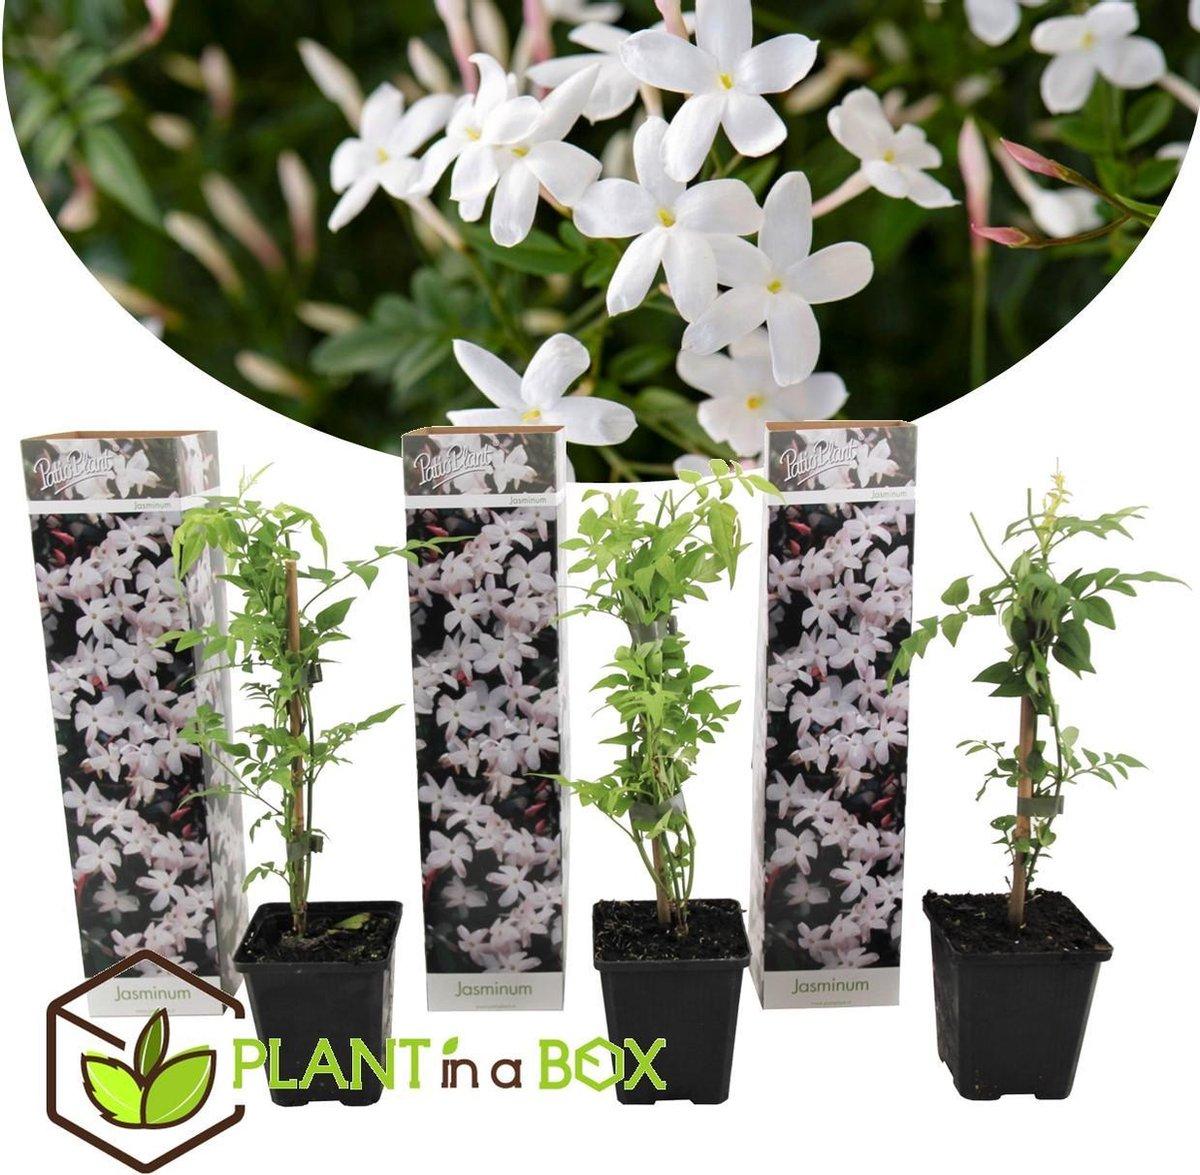 Plant in a Box - Set van 3 Jasminum Officinale   Jasmijn - Pot   9cm -Hoogte   25-40cm